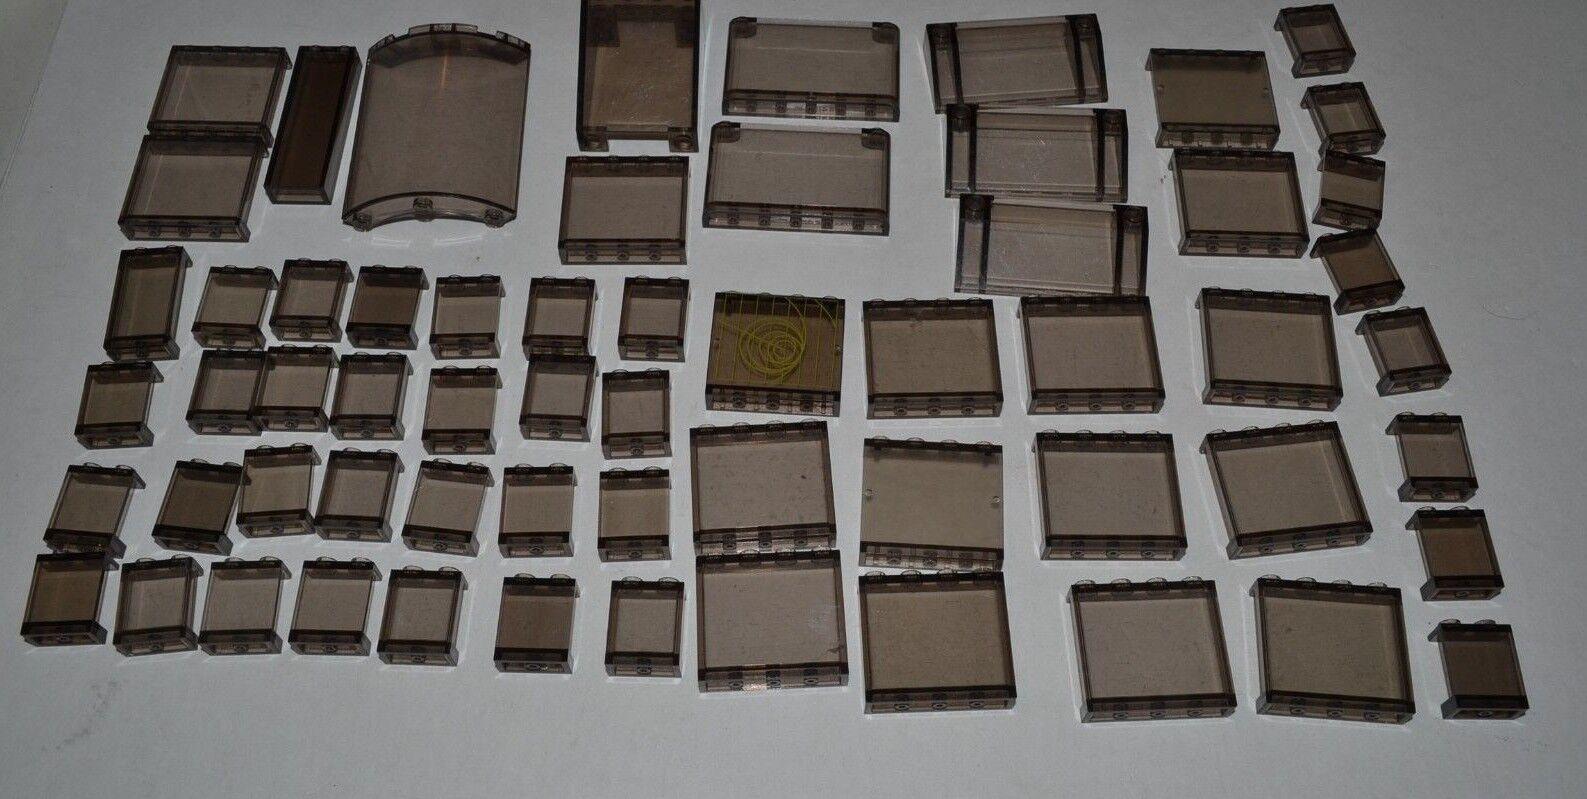 Big LEGO LOT  Trans fenêtre Noire Fumé écran petit verre 1x2x2 1x4 Arch adkq  design unique